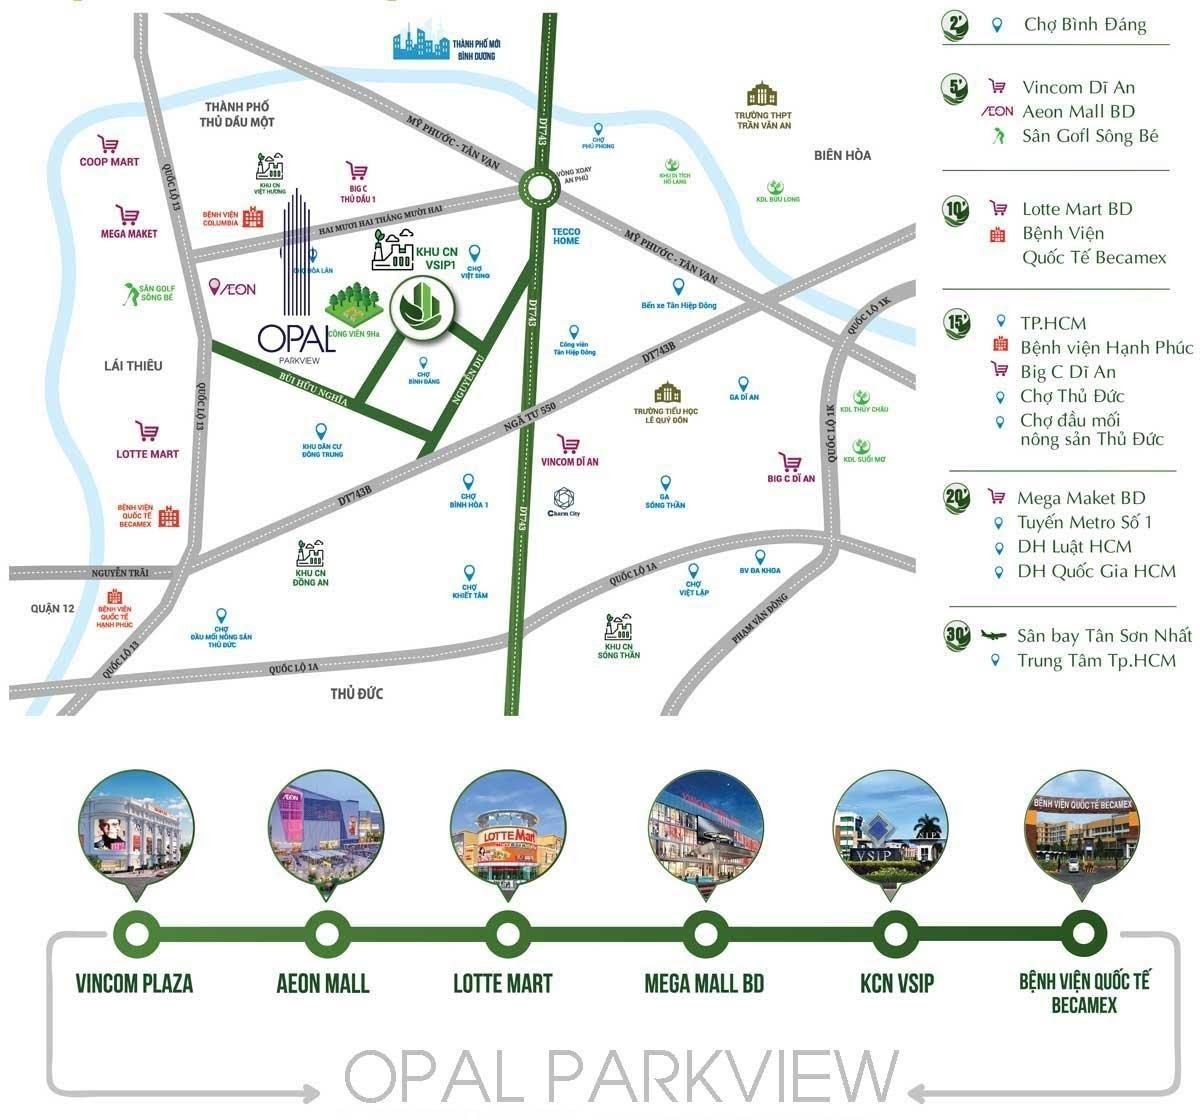 Vị trí Opal Park View Bình Dương